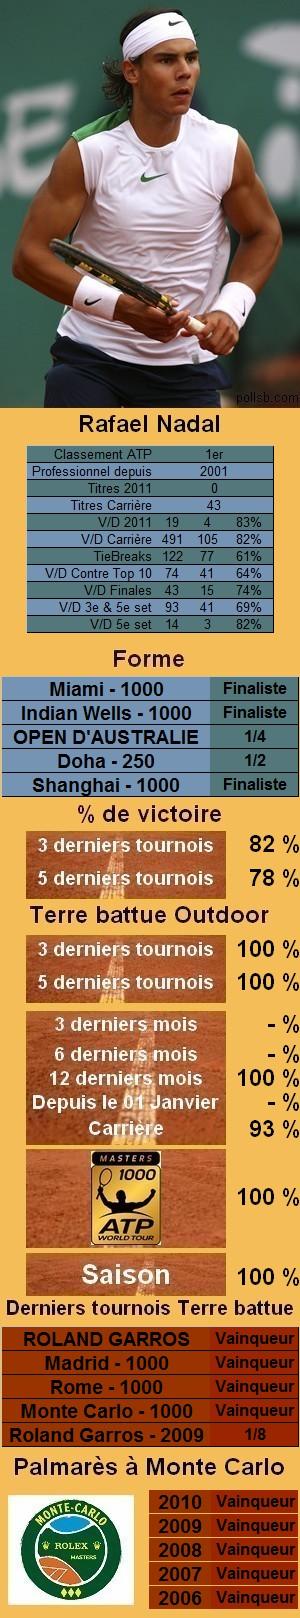 Les statistiques tennis de Rafael Nadal pour le tournoi de Monte Carlo